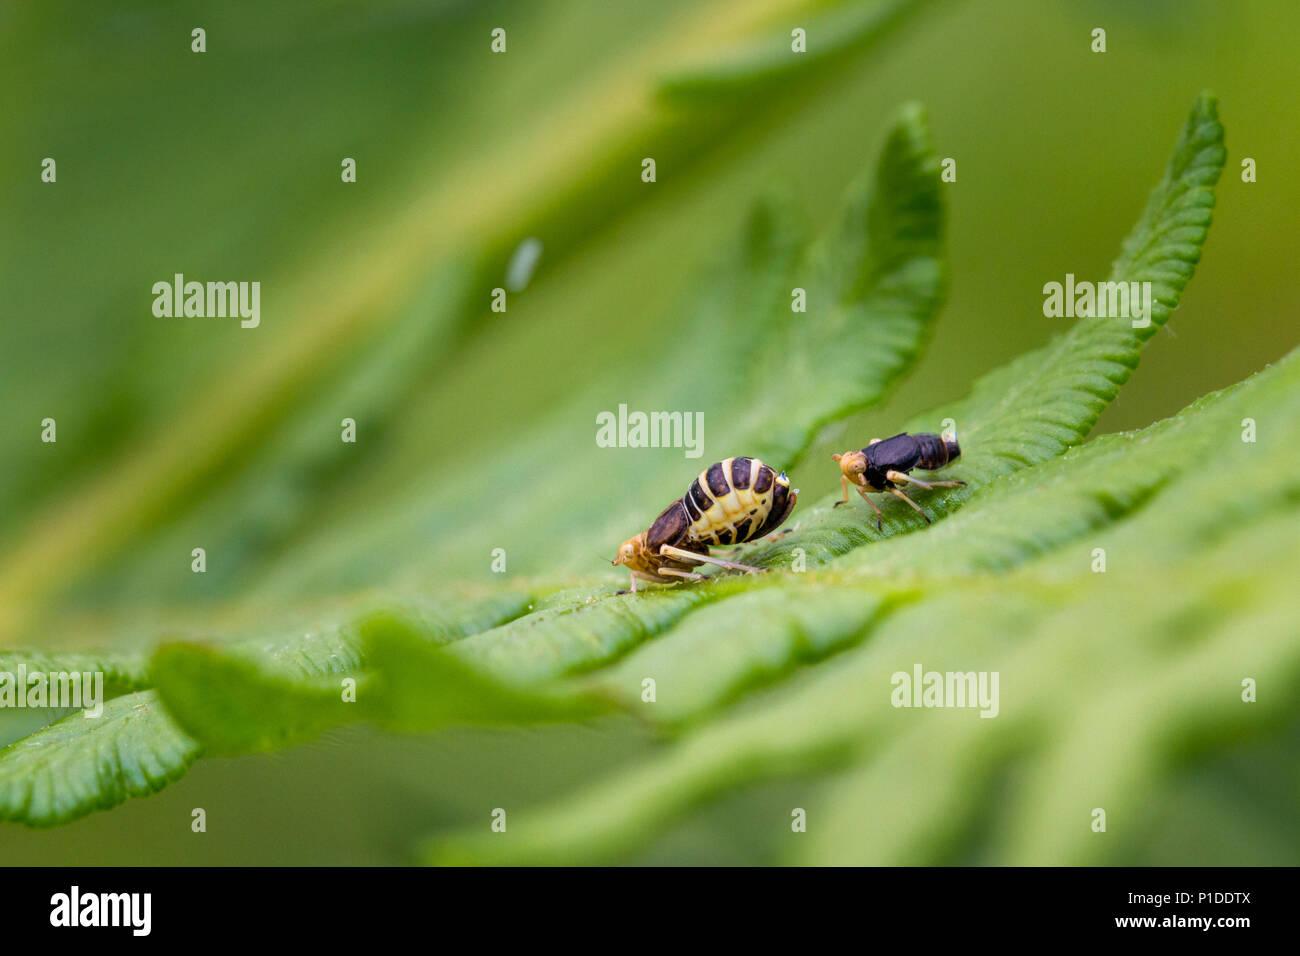 UK Wildlife: Wahrscheinlich mate Bewachung von Männchen (rechts) planthopper des Weiblichen, die gerade ein Ei in die Luft geschleudert hat - siehe weiße Bewegungsunschärfe von Ei Stockbild